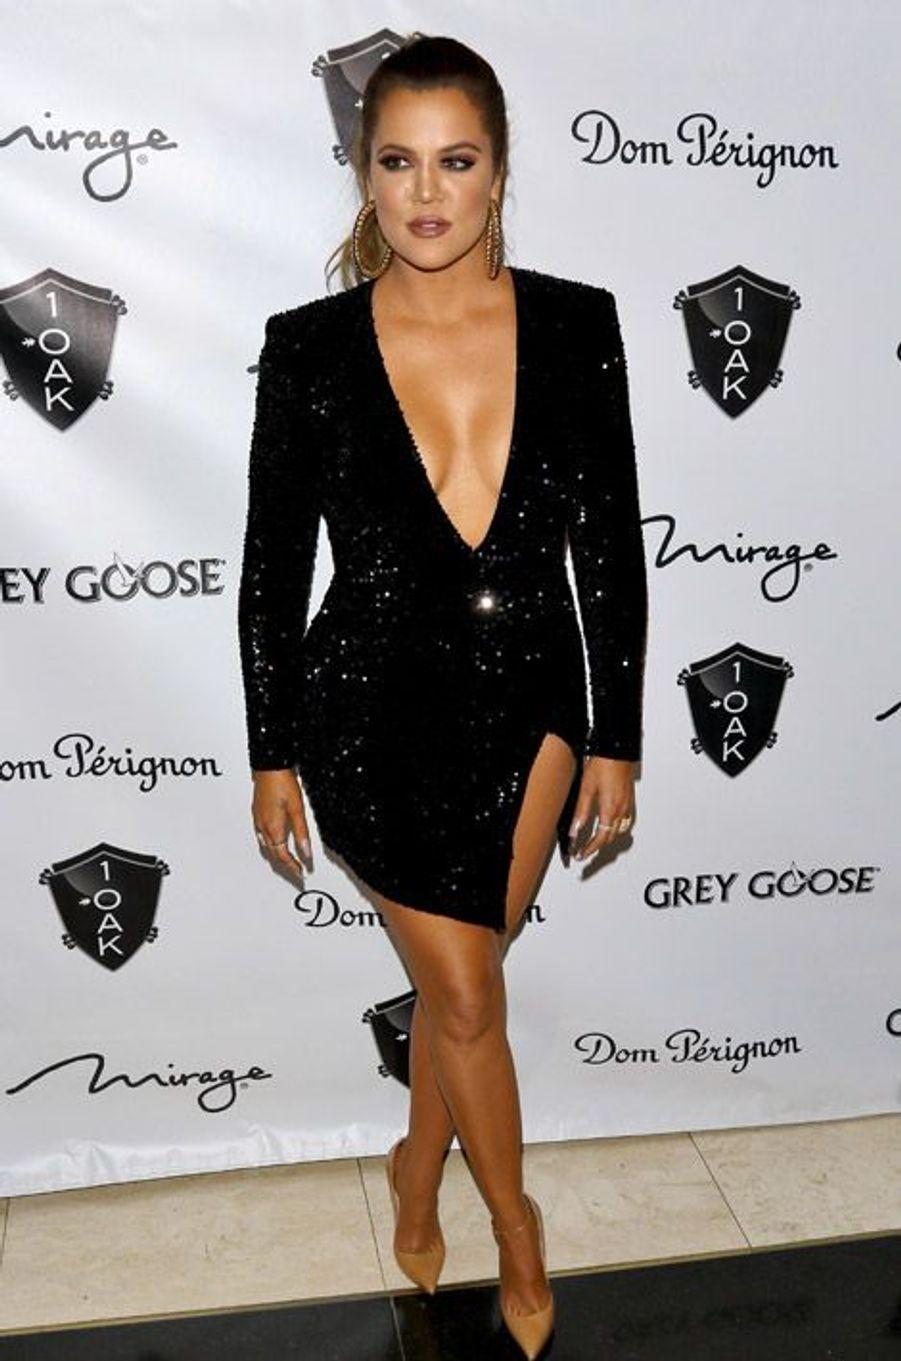 La star de la téléréalité Khloe Kerdashianfête le jour de l'an à Las Vegas, le 31 décembre 2014